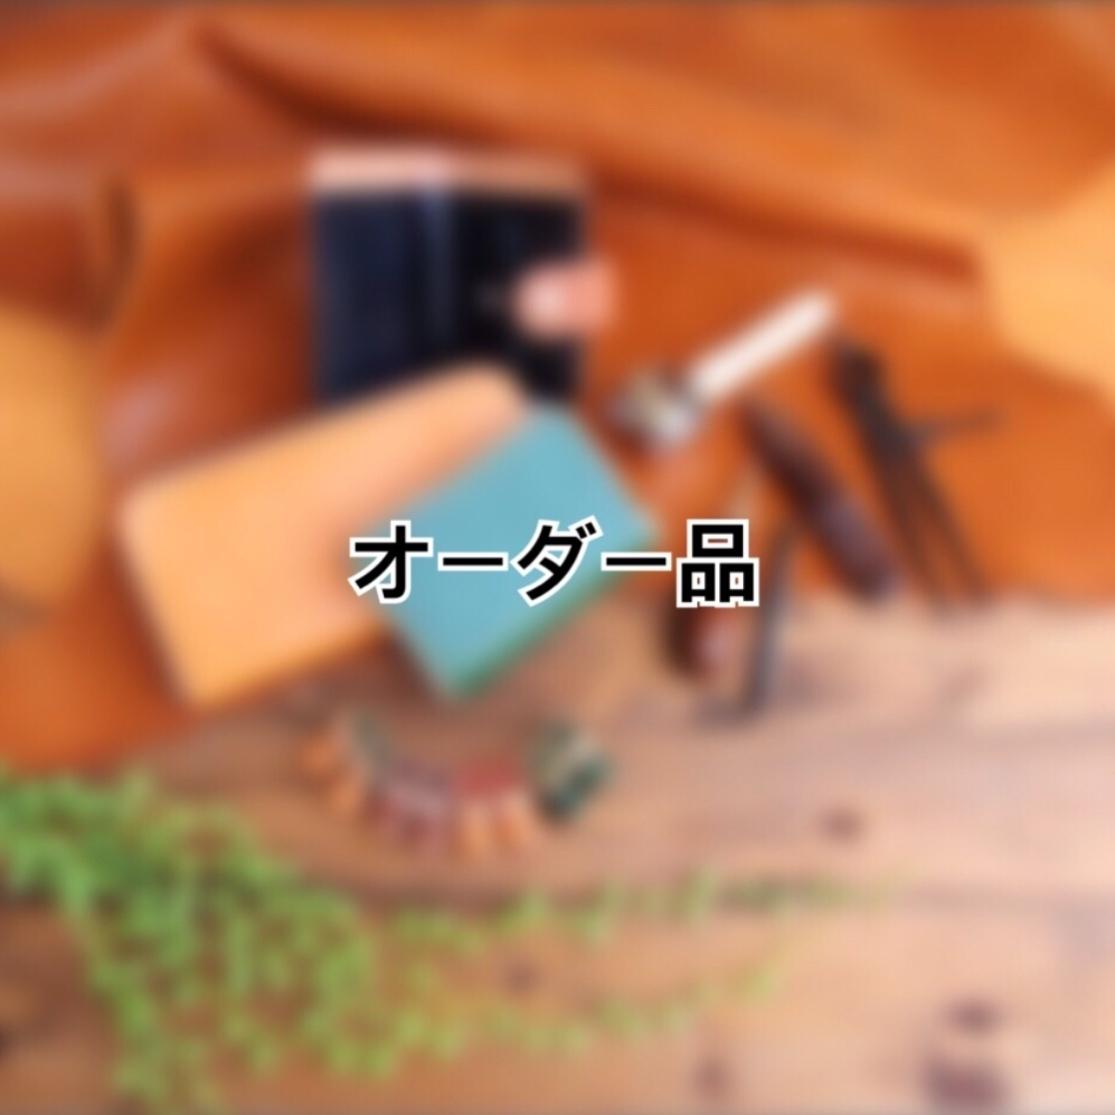 【オーダー品】H様名刺ケース